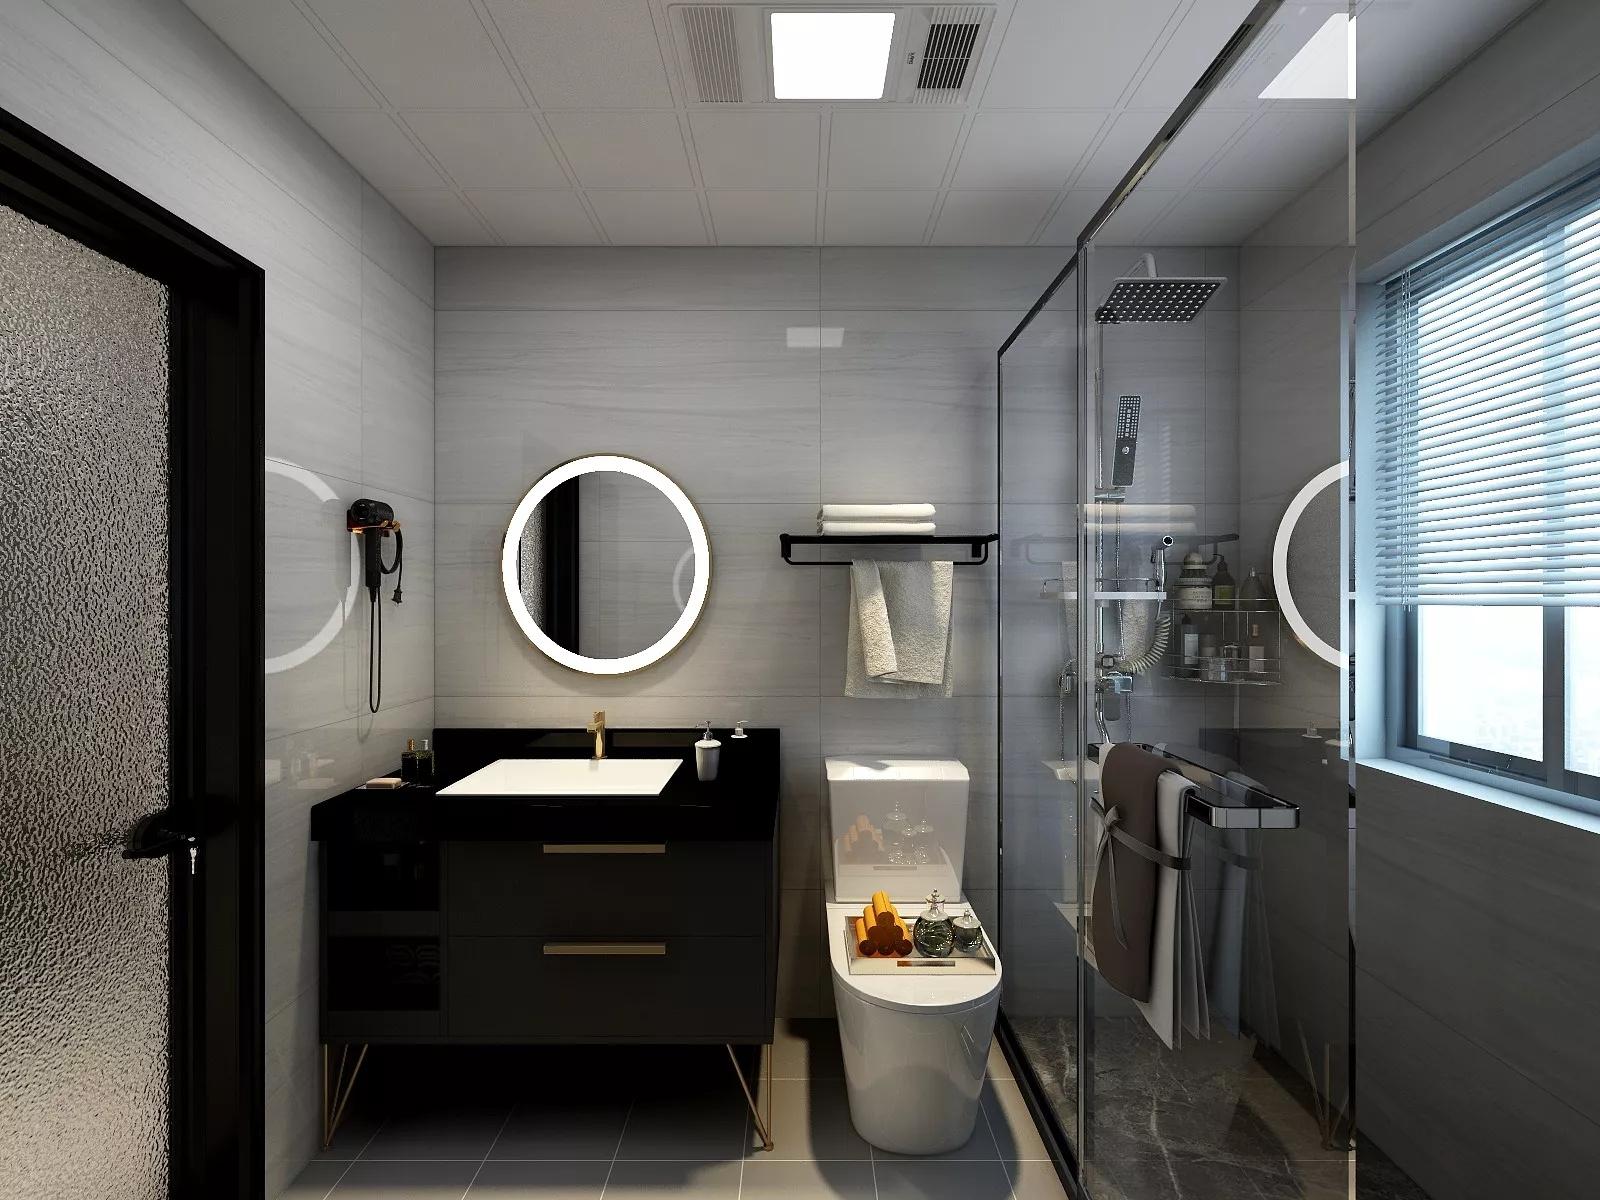 灯具安装如何验收 灯具验收标准介绍